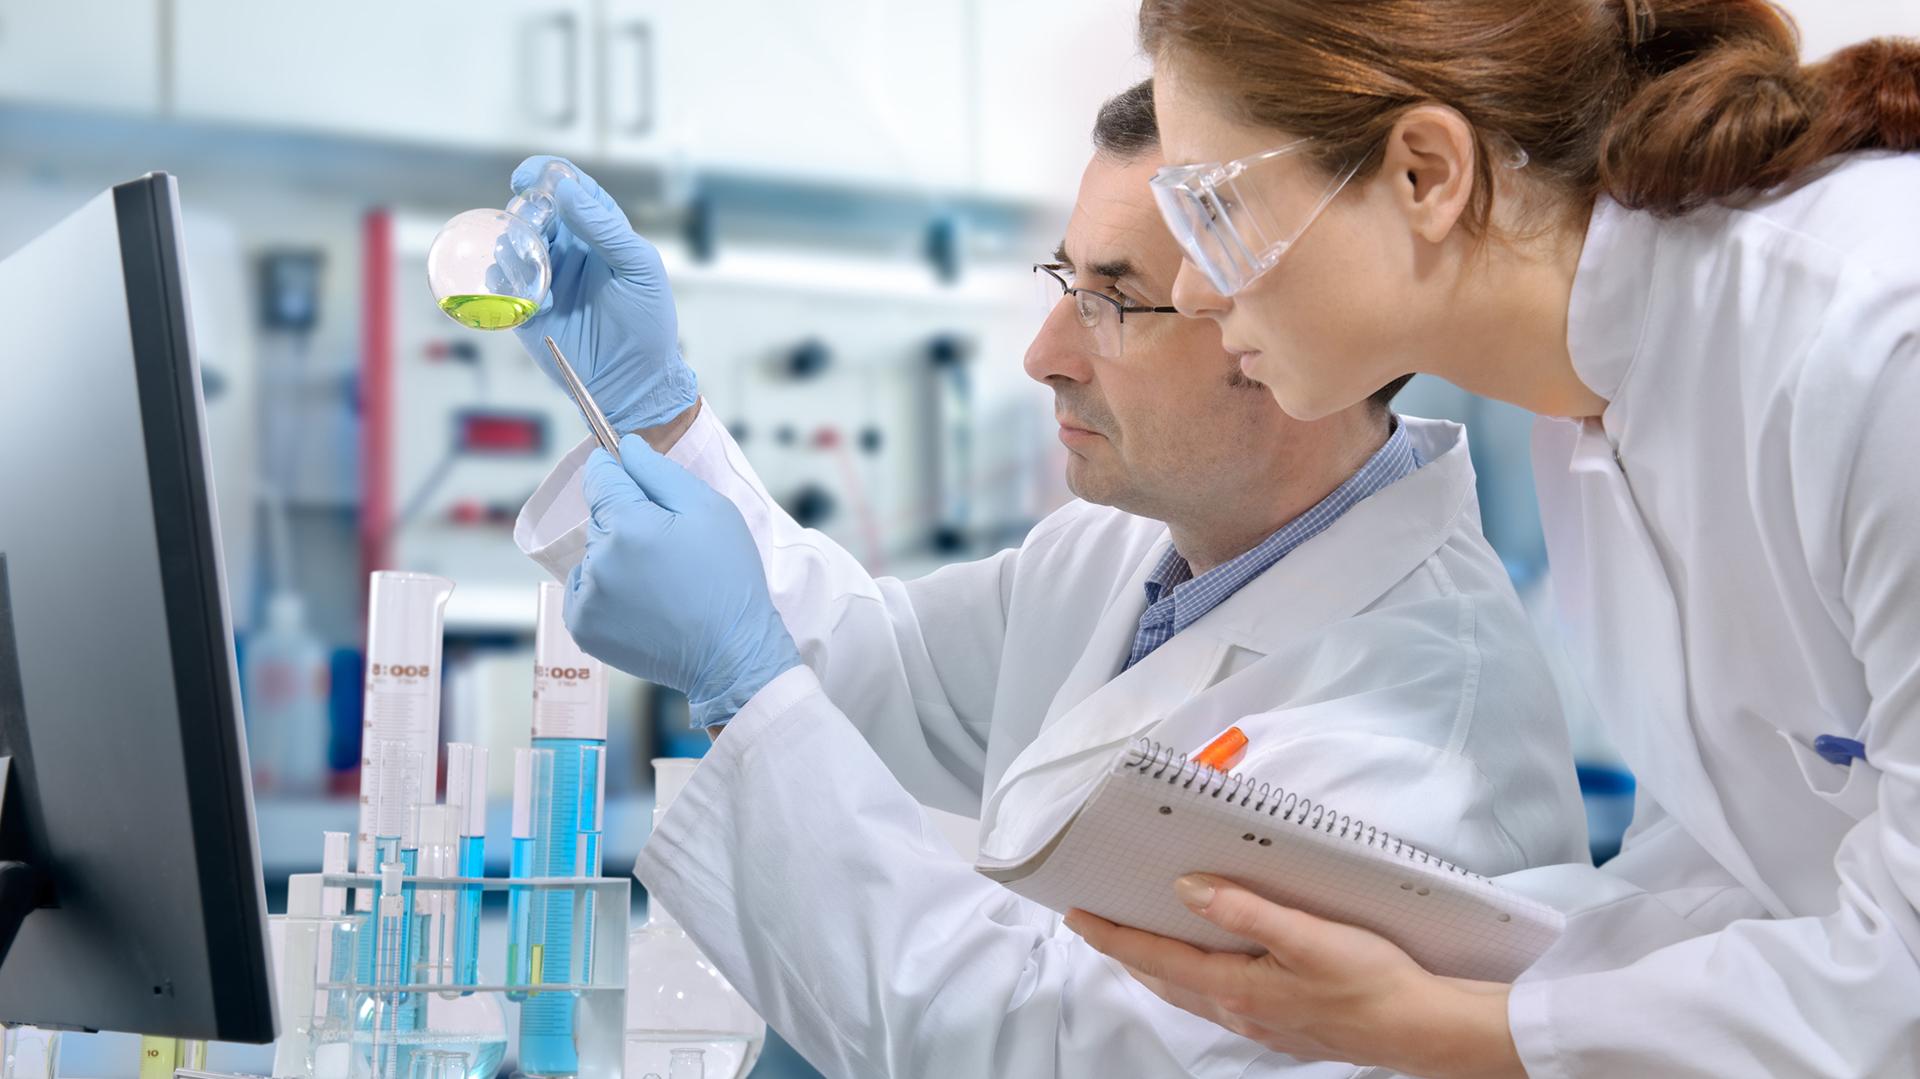 En el último congreso mundial sobre la enfermedad se anunciaron avances sobre la posibilidad de realizar un análisis de sangre para detectar a personas con riesgo de tener la Enfermedad de Alzheimer (istock)